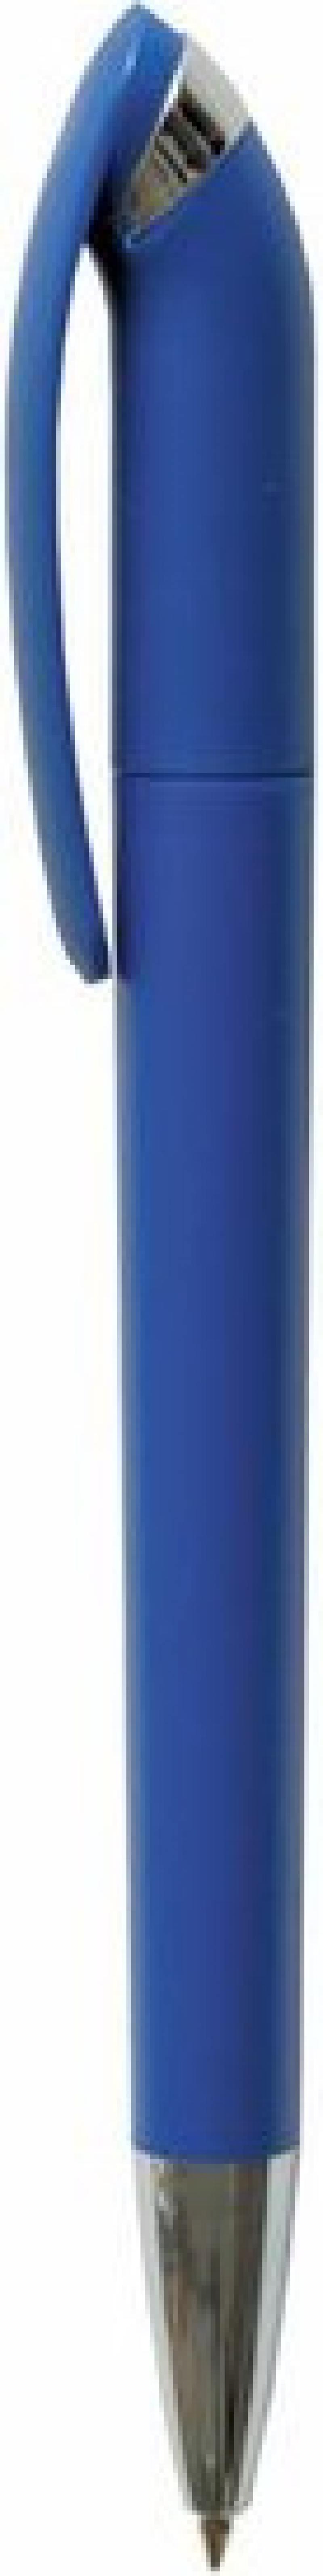 Шариковая ручка автоматическая Index APPLICA синий 0.5 мм IBP302/BU IBP302/BU цена